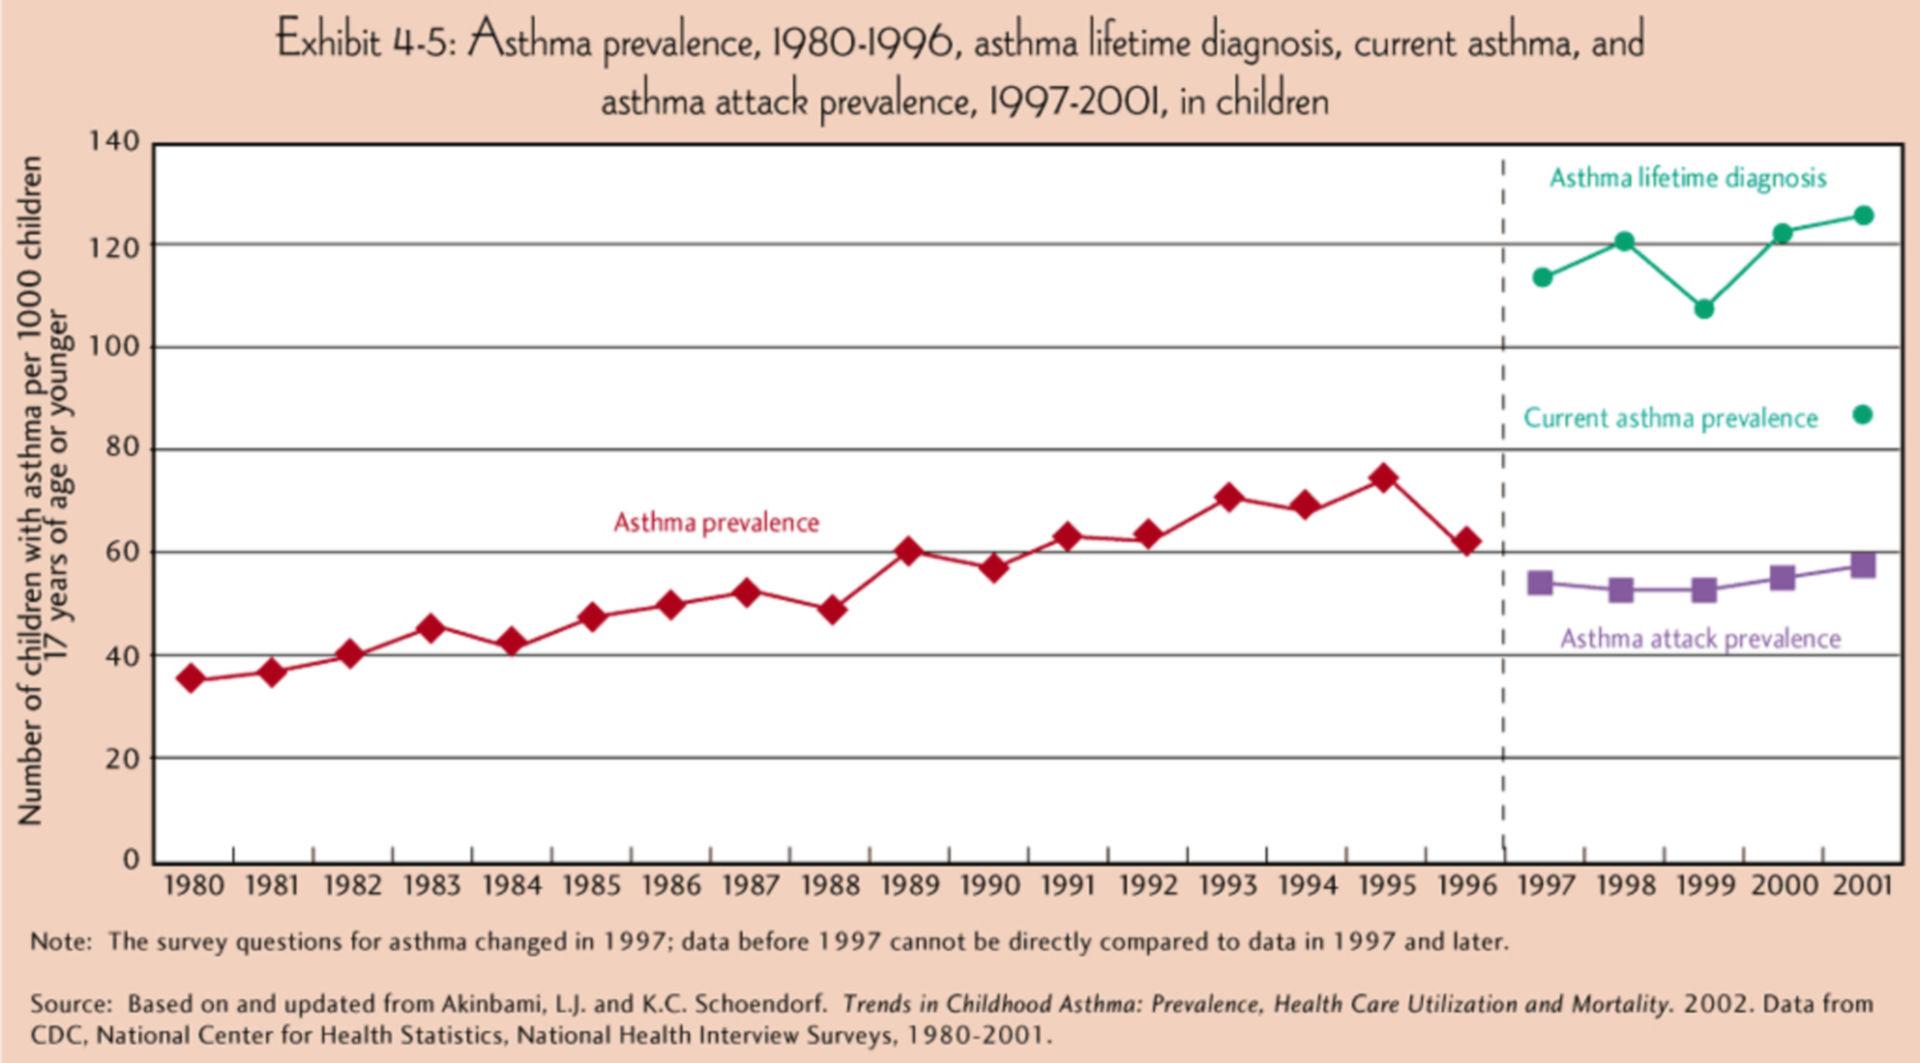 Asthma prevalence (1980-2001)